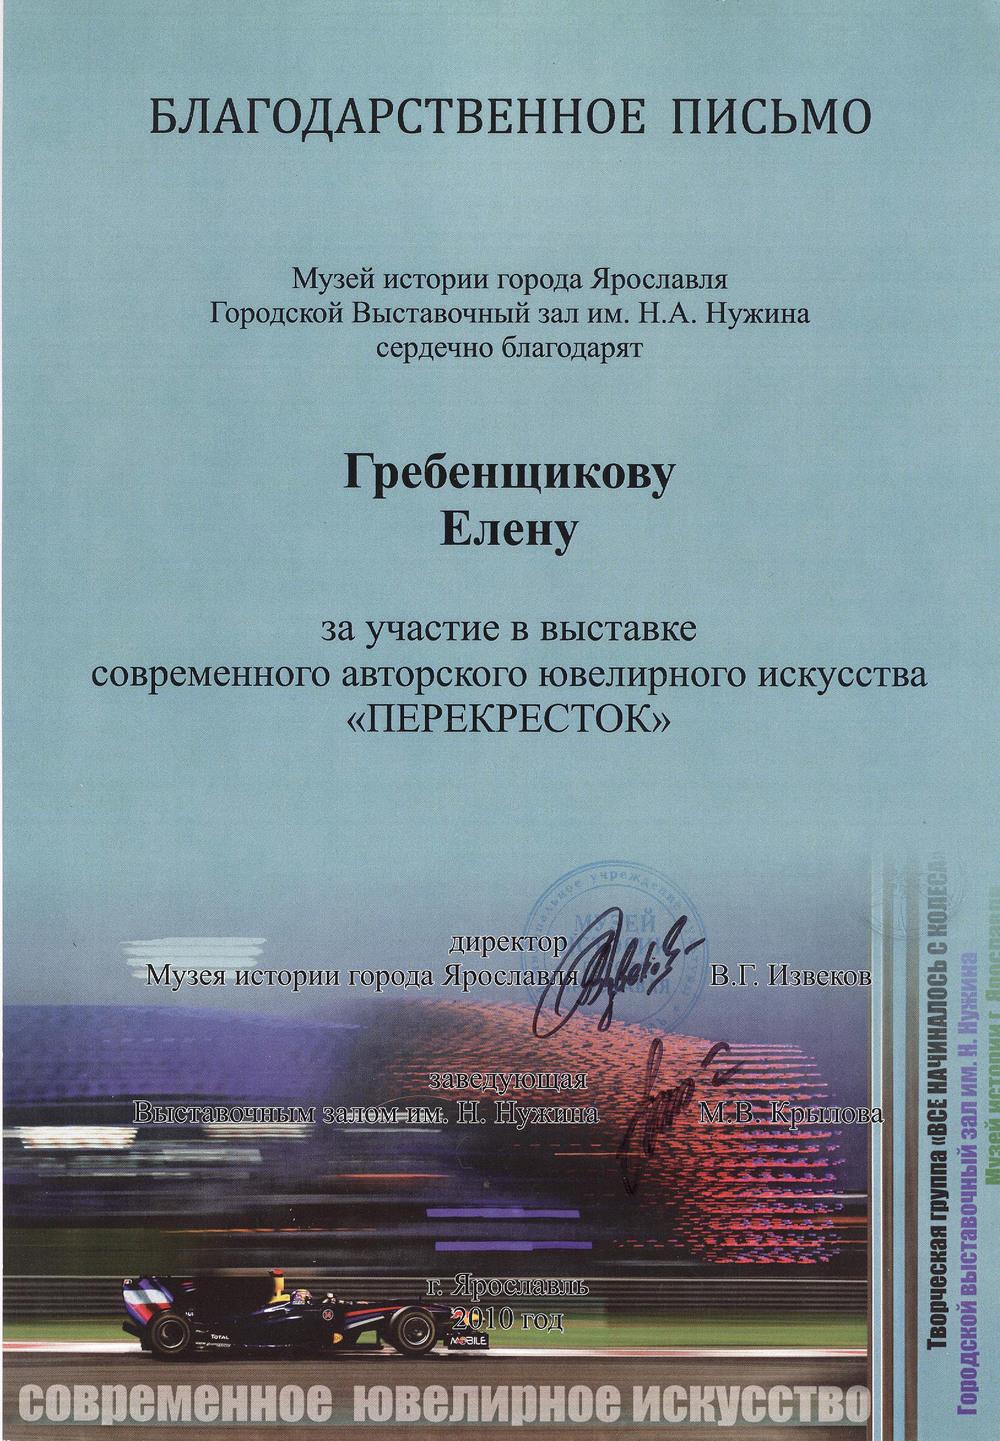 """Участие в выставке Перекресток на тему """"Кризис как отражение современности"""". Ярославль, 2010г."""